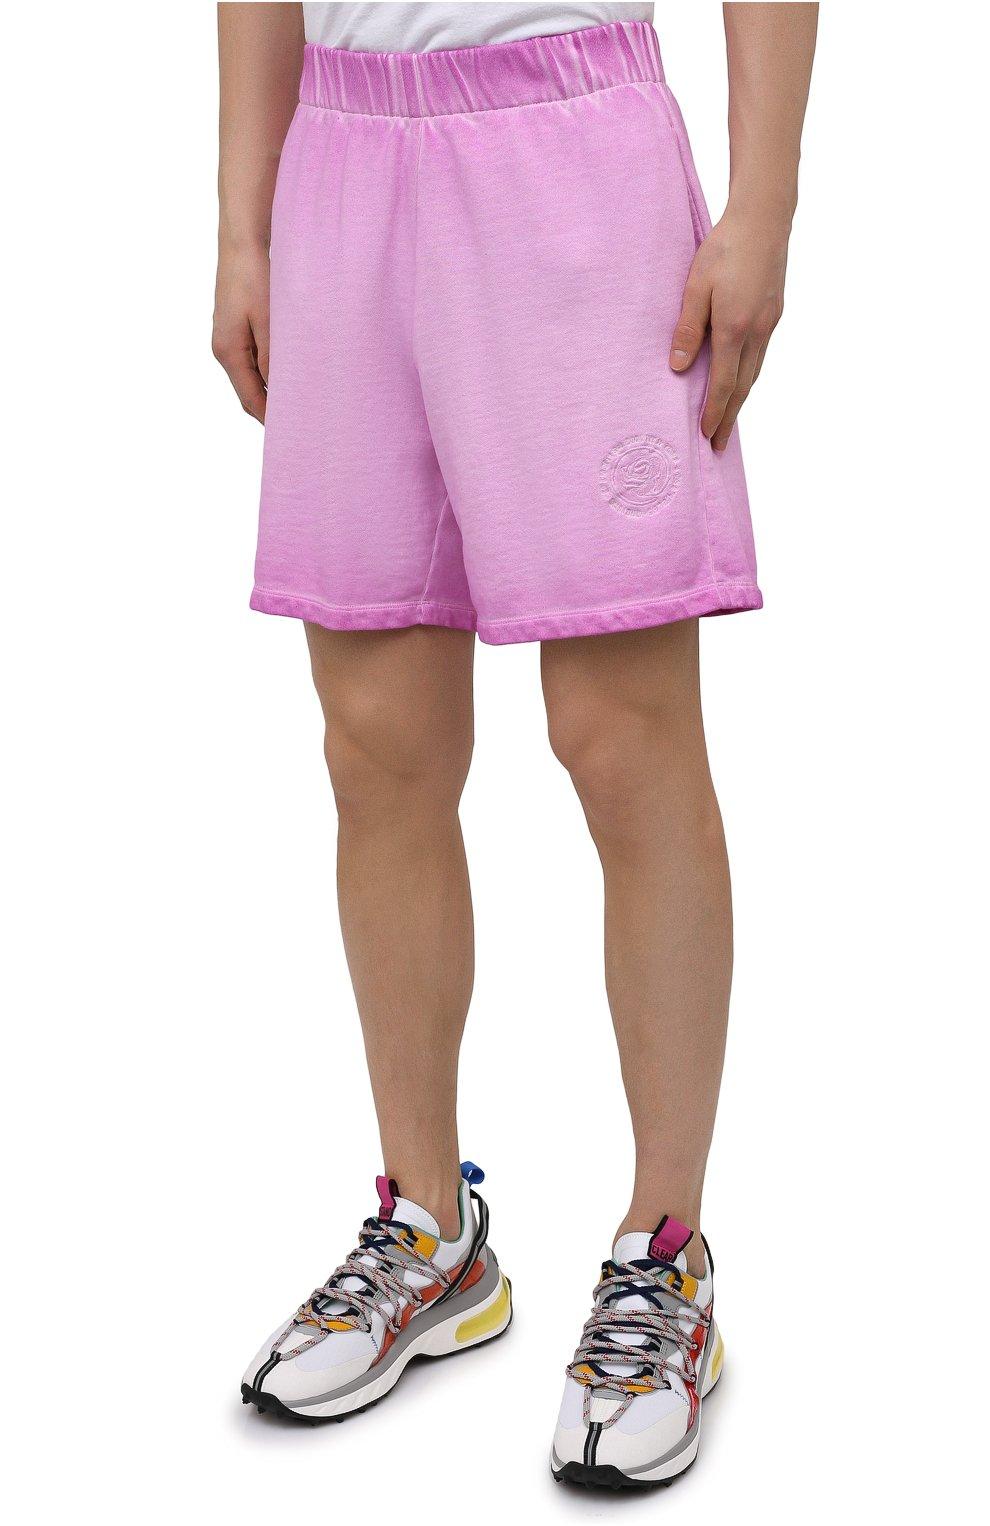 Мужские хлопковые шорты OPENING CEREMONY розового цвета, арт. YMCI001S21FLE001 | Фото 3 (Длина Шорты М: До колена; Принт: Без принта; Кросс-КТ: Трикотаж; Материал внешний: Хлопок; Стили: Спорт-шик)